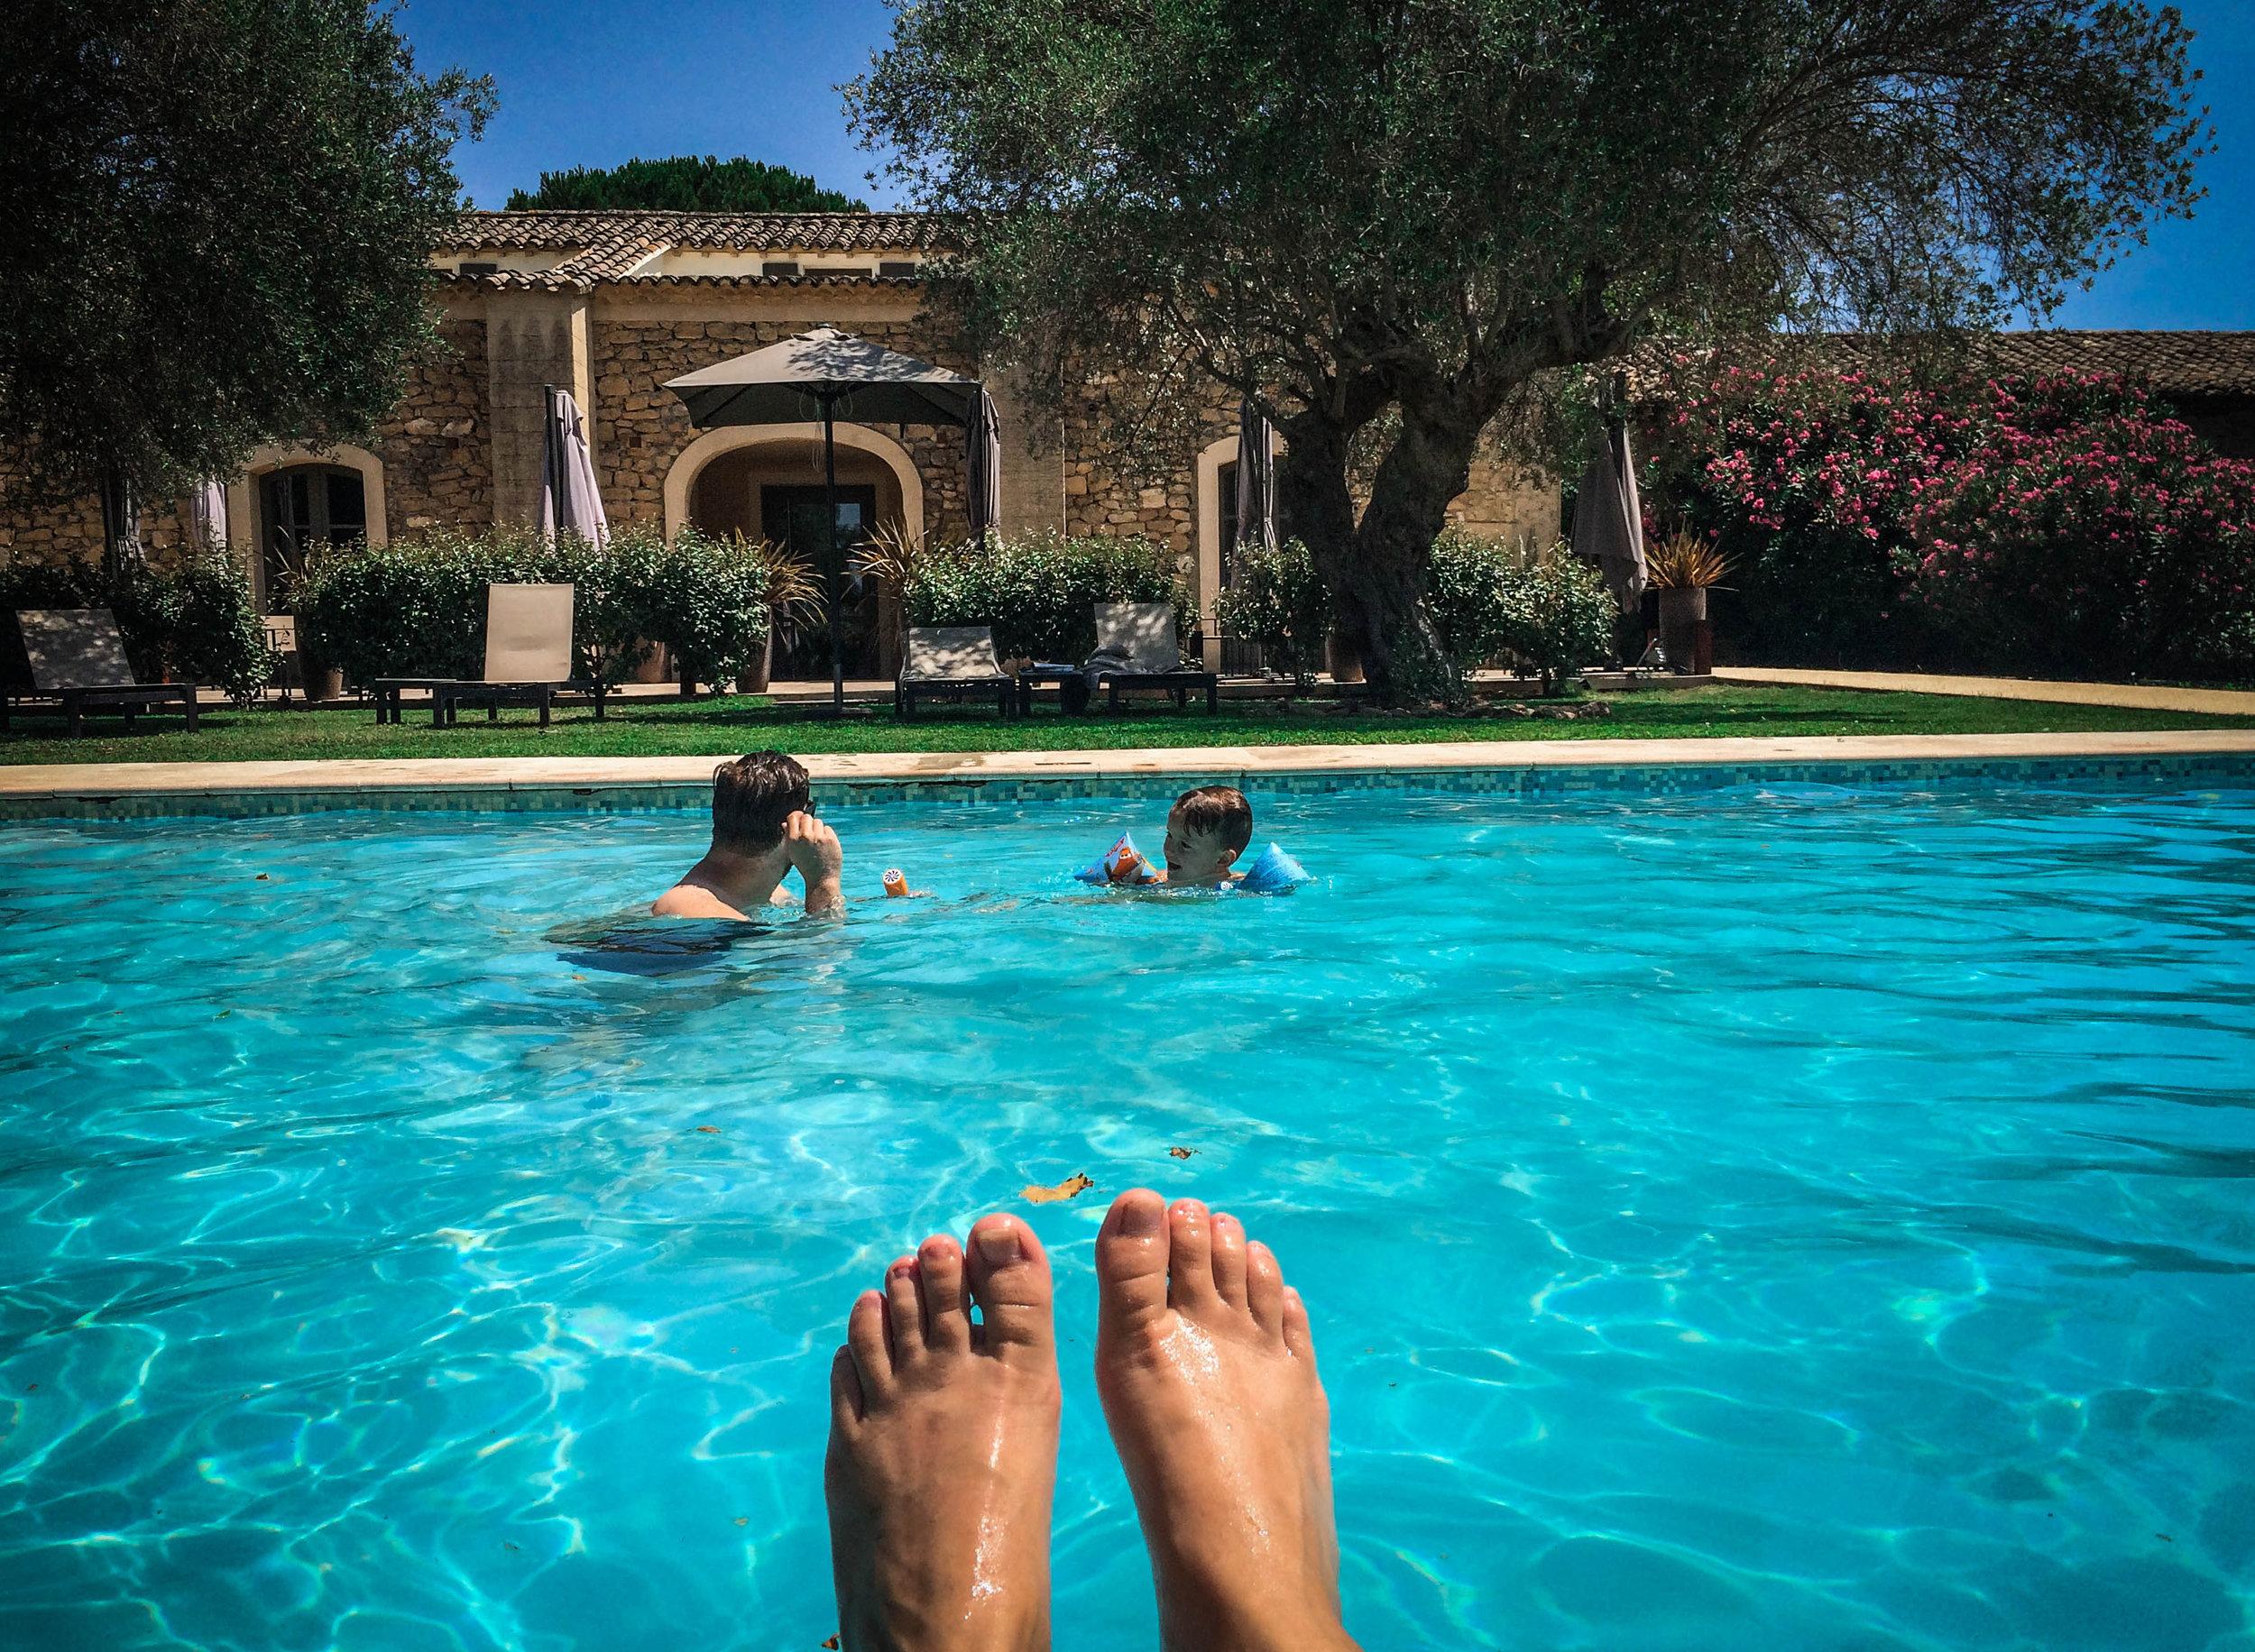 Zwembad - idyllische hotels - La bégude Saint Pierre - Reizen met kinderen - Pont de Gare